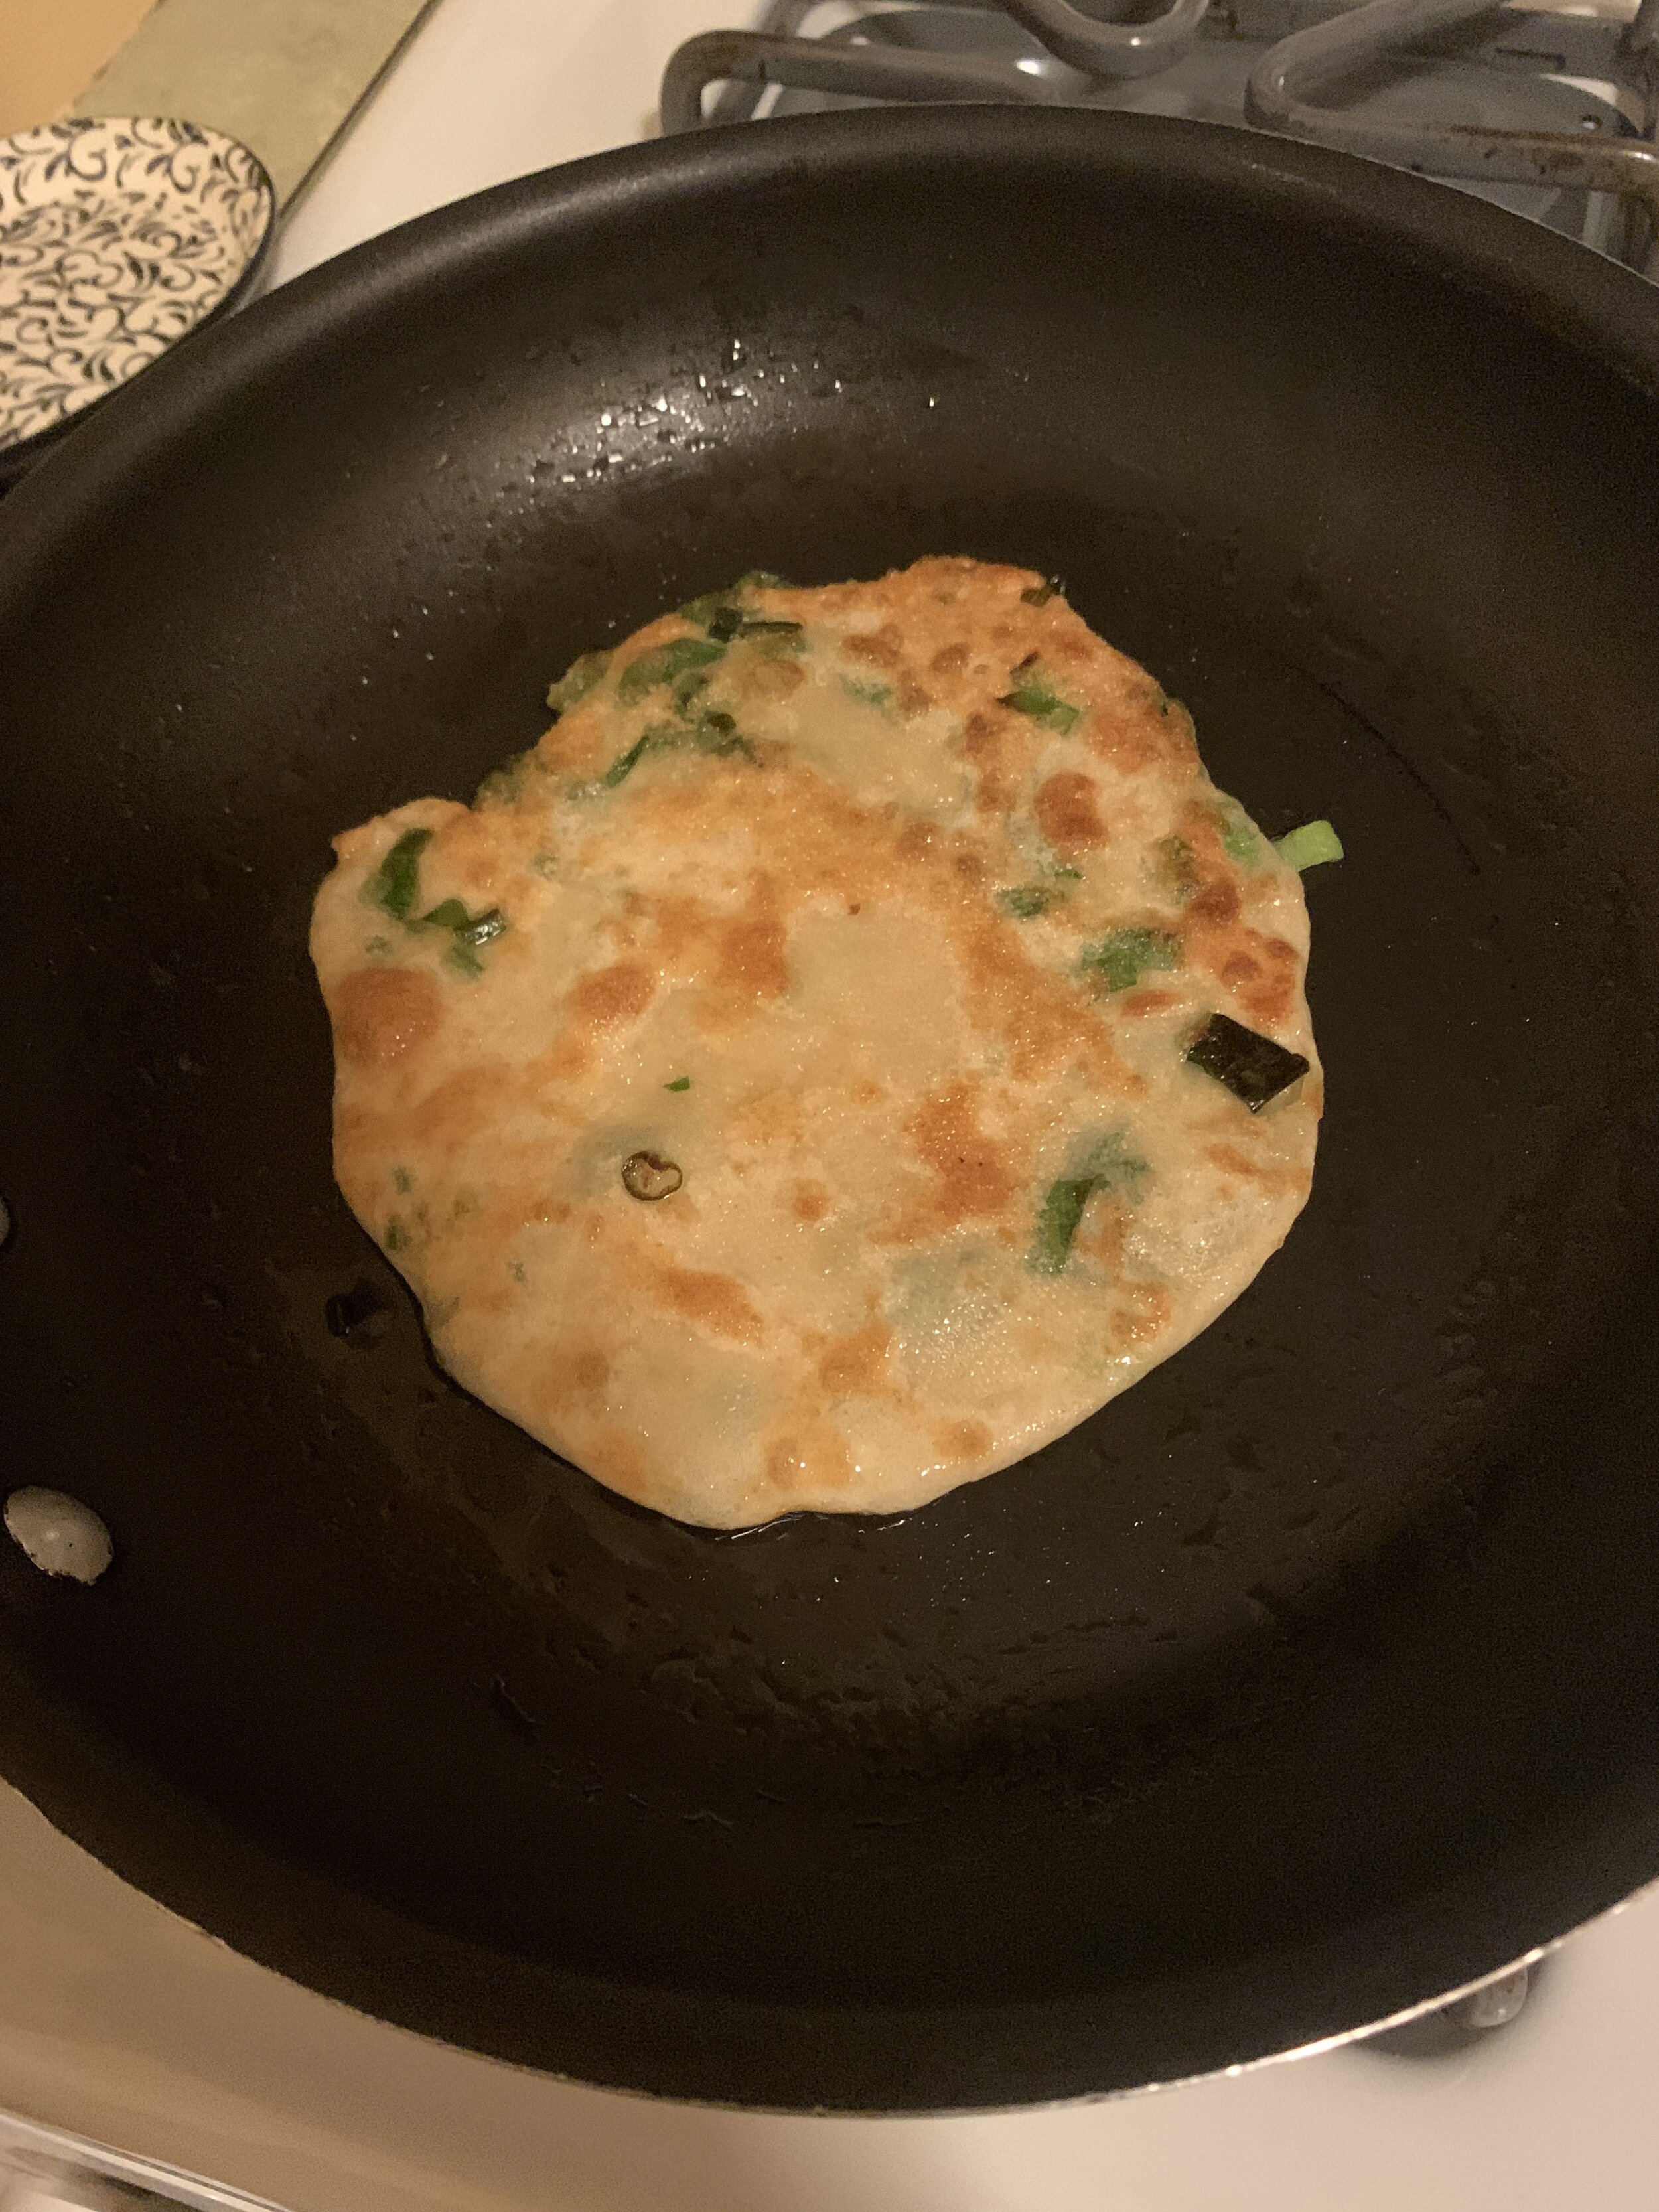 scallion-pancake-finished